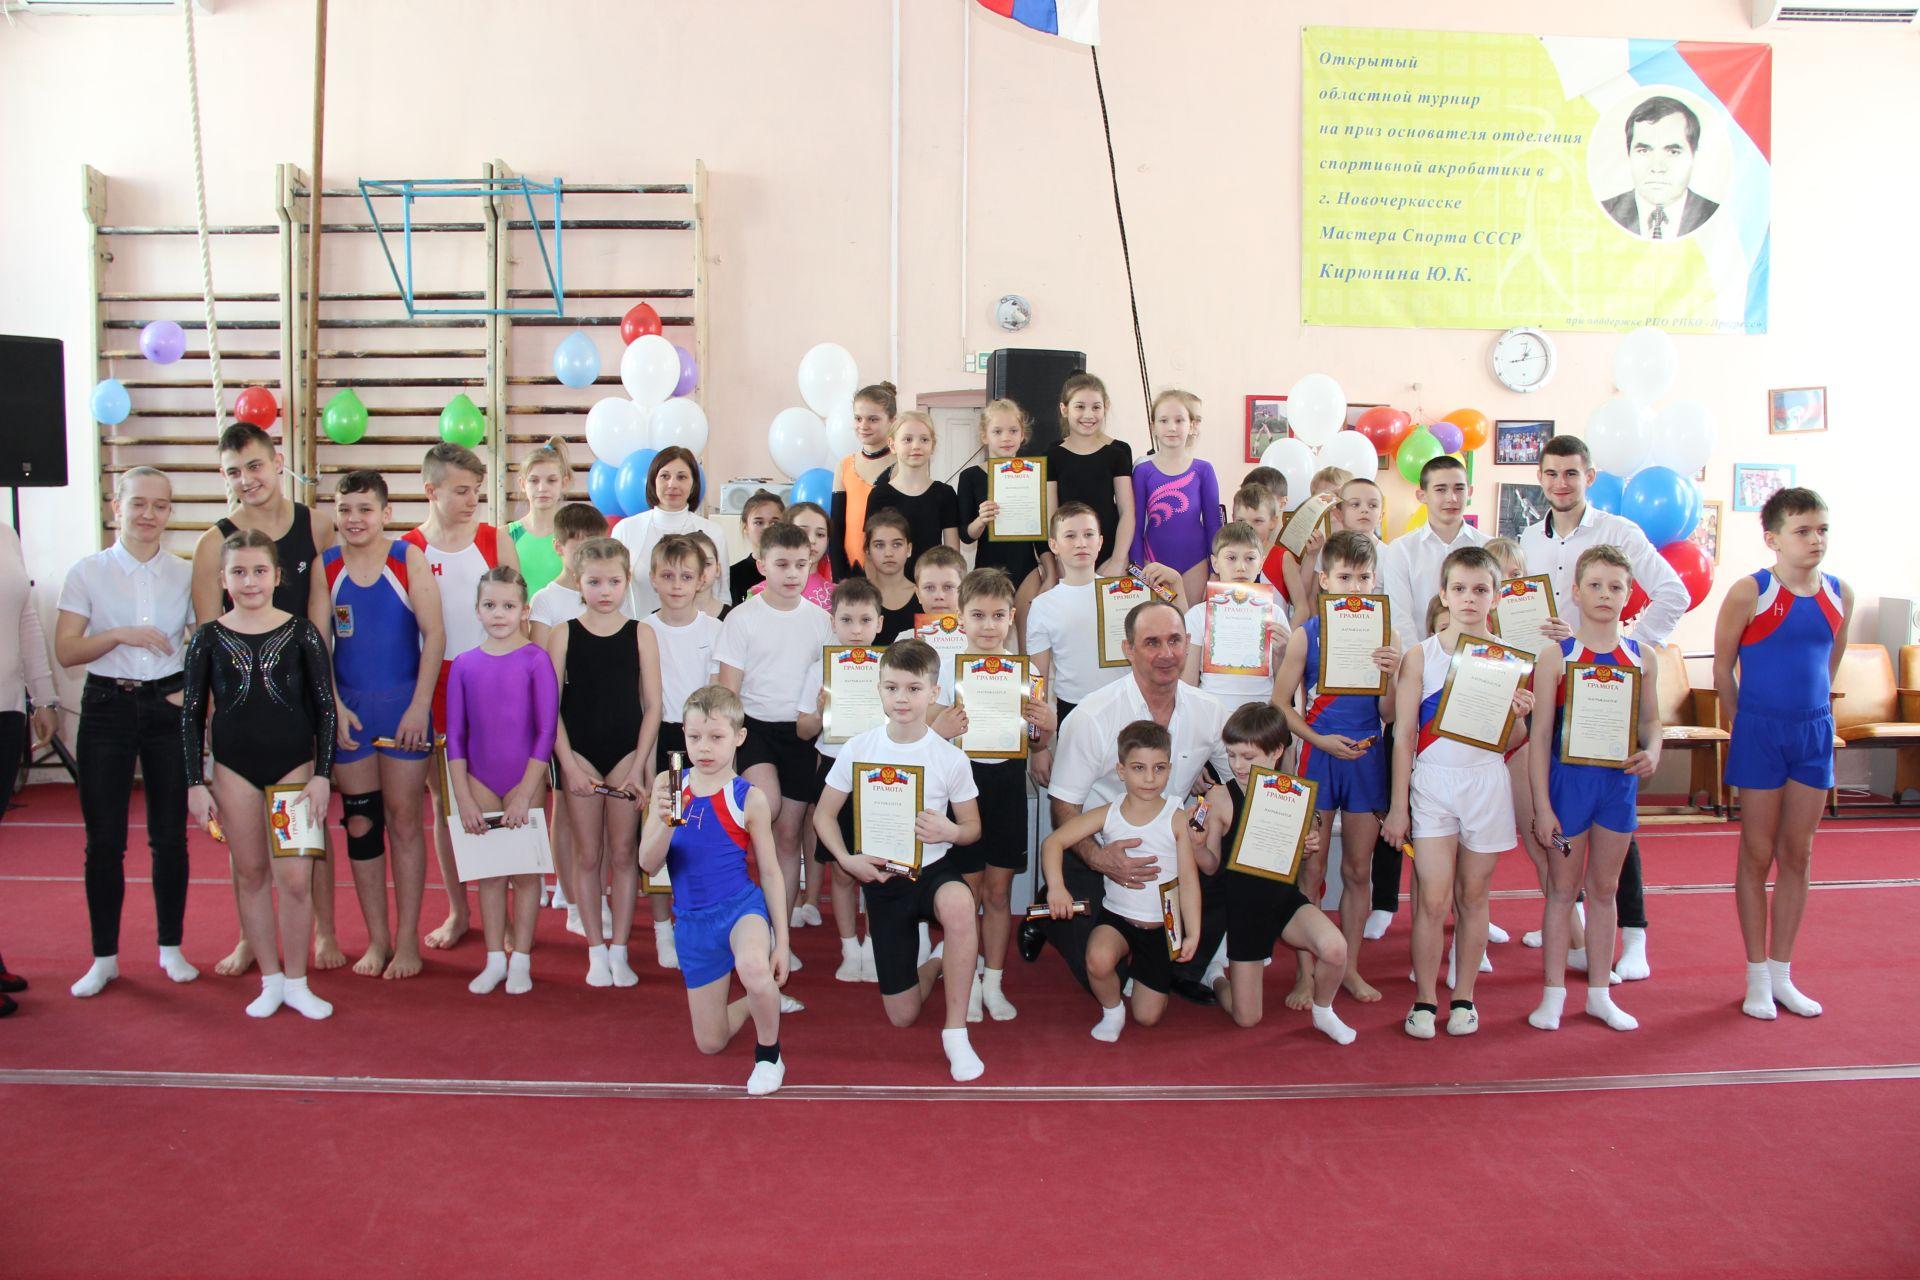 Состязания по акробатике и прыжкам на батуте прошли в спортивной школе №2